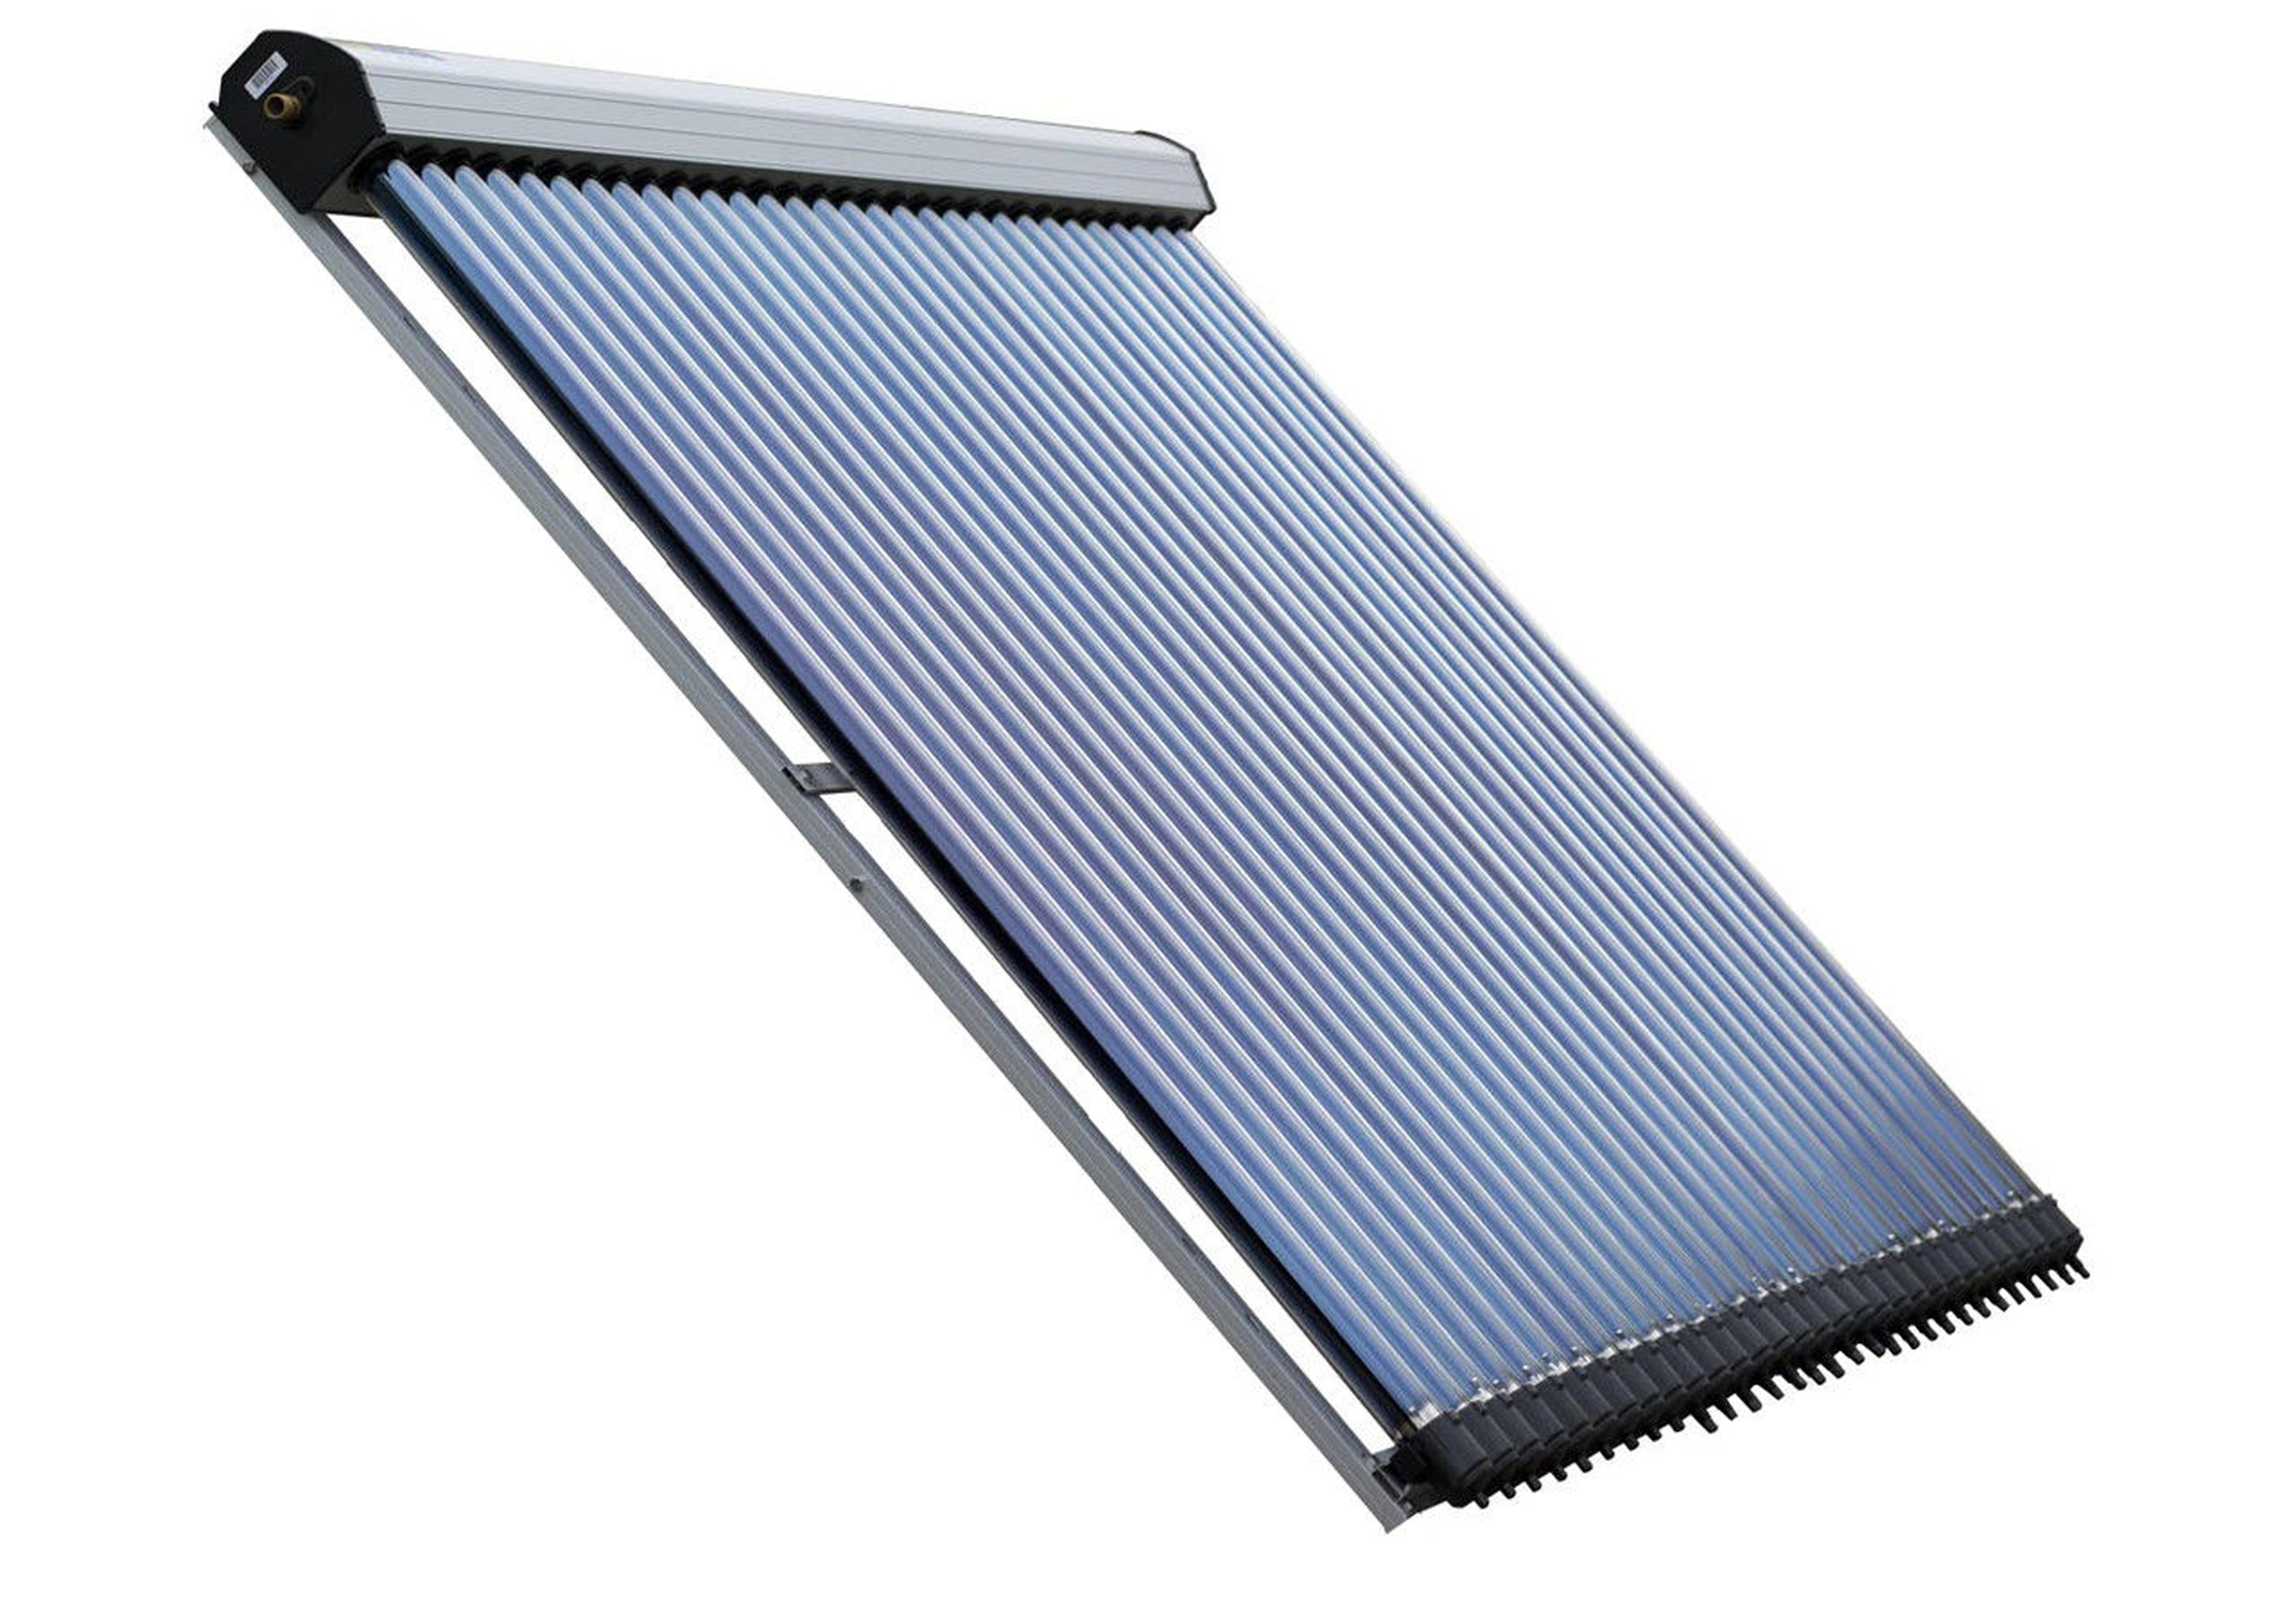 Вакуумный солнечный коллектор Altek SC-LH3-20 (20 трубок, диаметр конденсатора 24 мм) без задних опор - фото